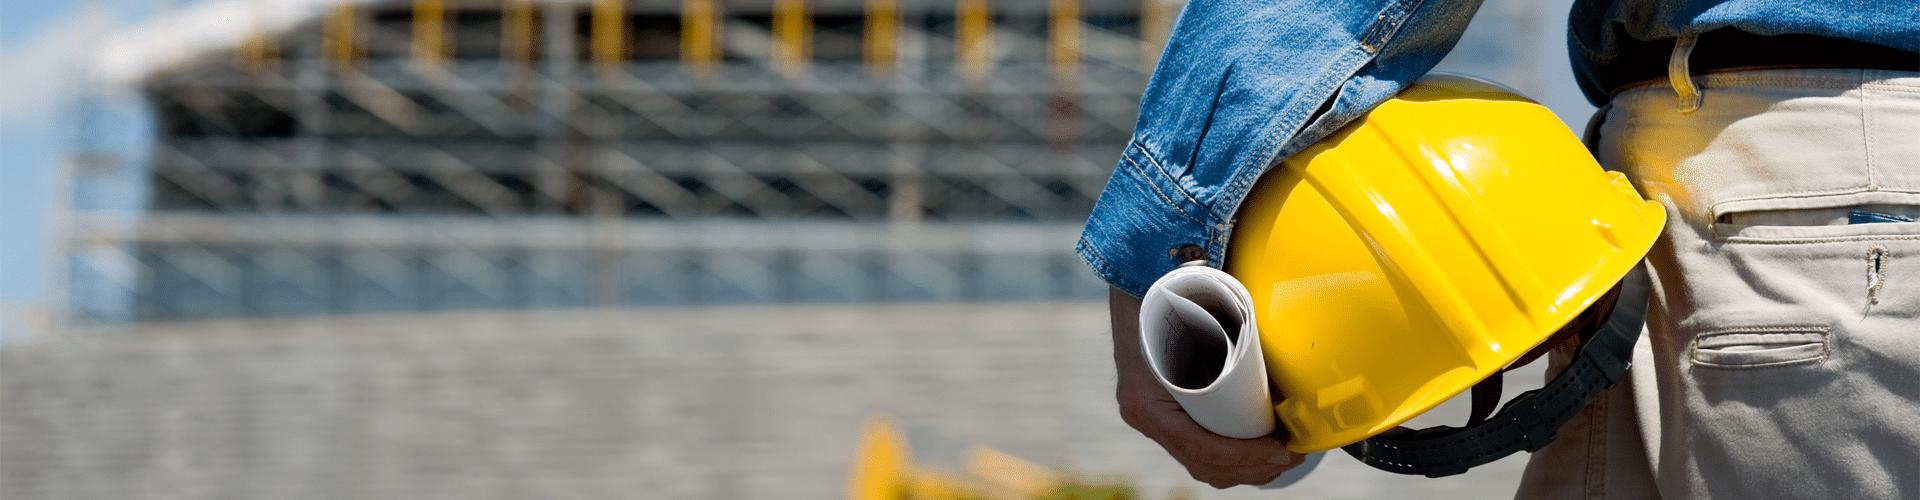 Indemnisation victime accident de travail